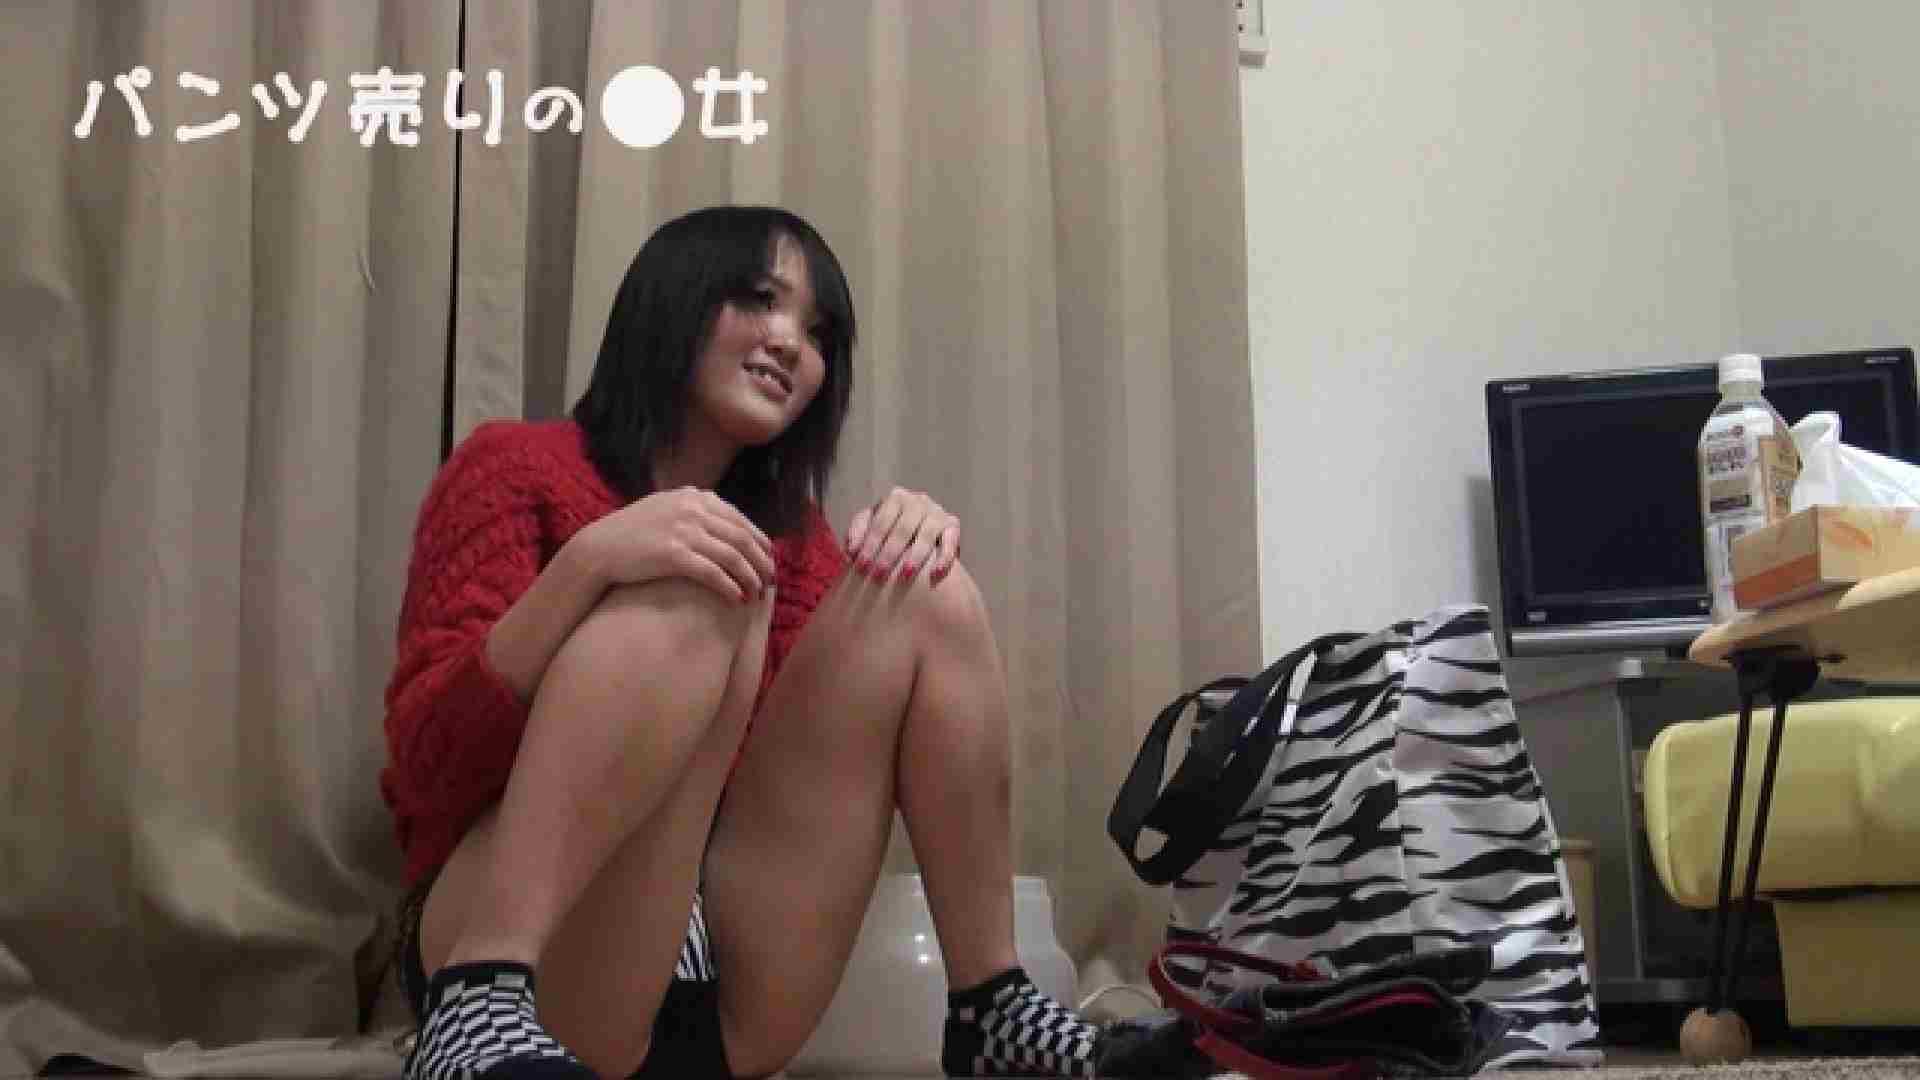 新説 パンツ売りの女の子mizuki 一般投稿  109枚 64